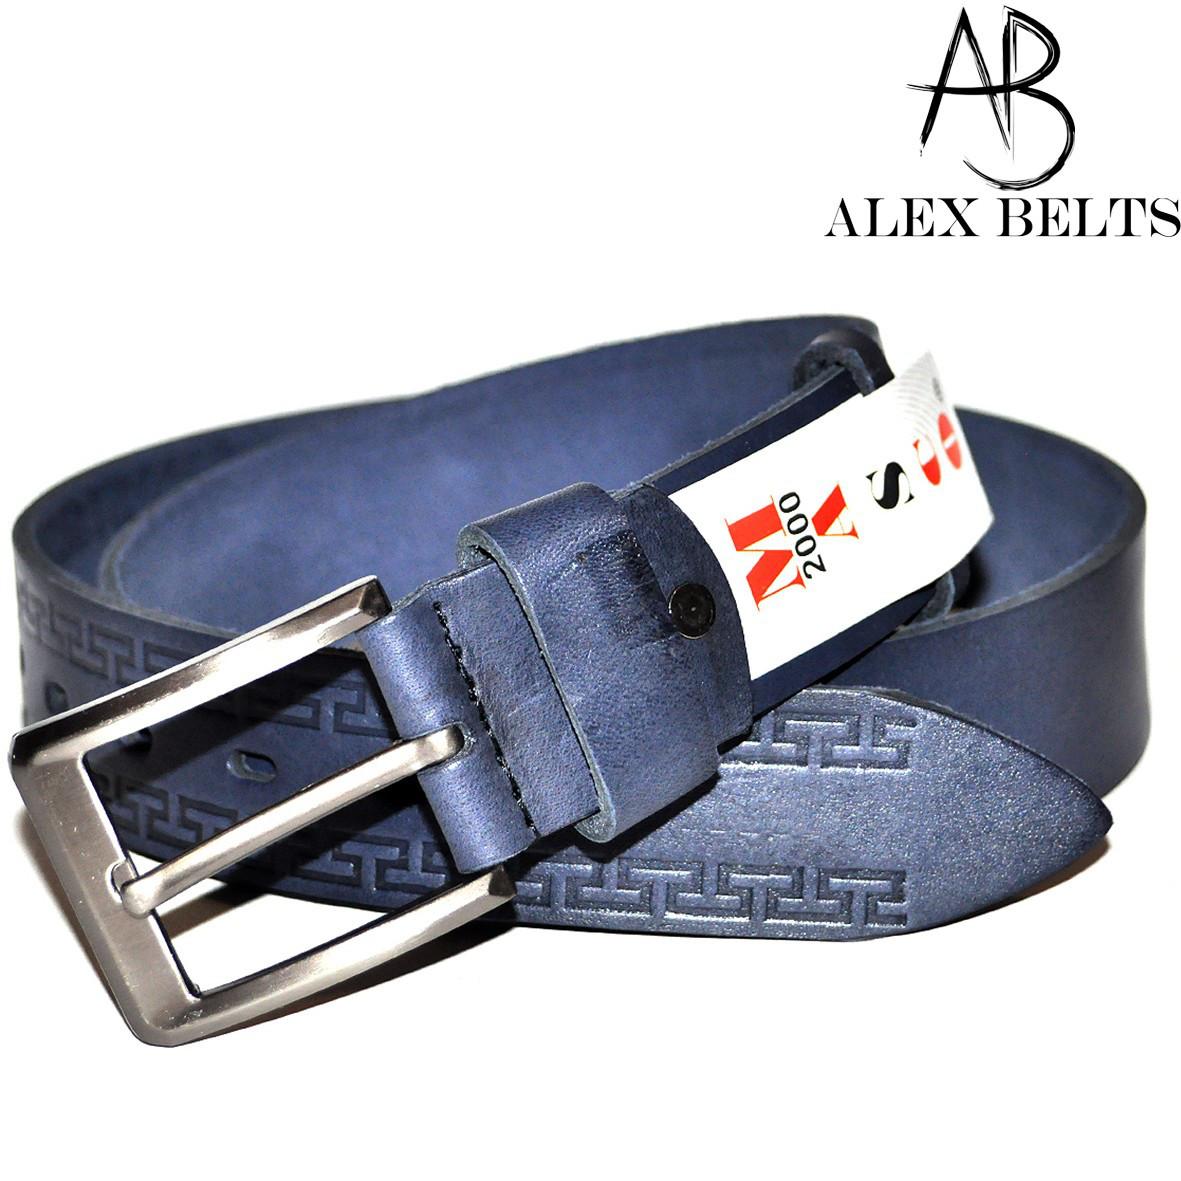 Ремень мужской джинсовый (синий) с тиснением кожаный 40 мм - купить оптом в Одессе